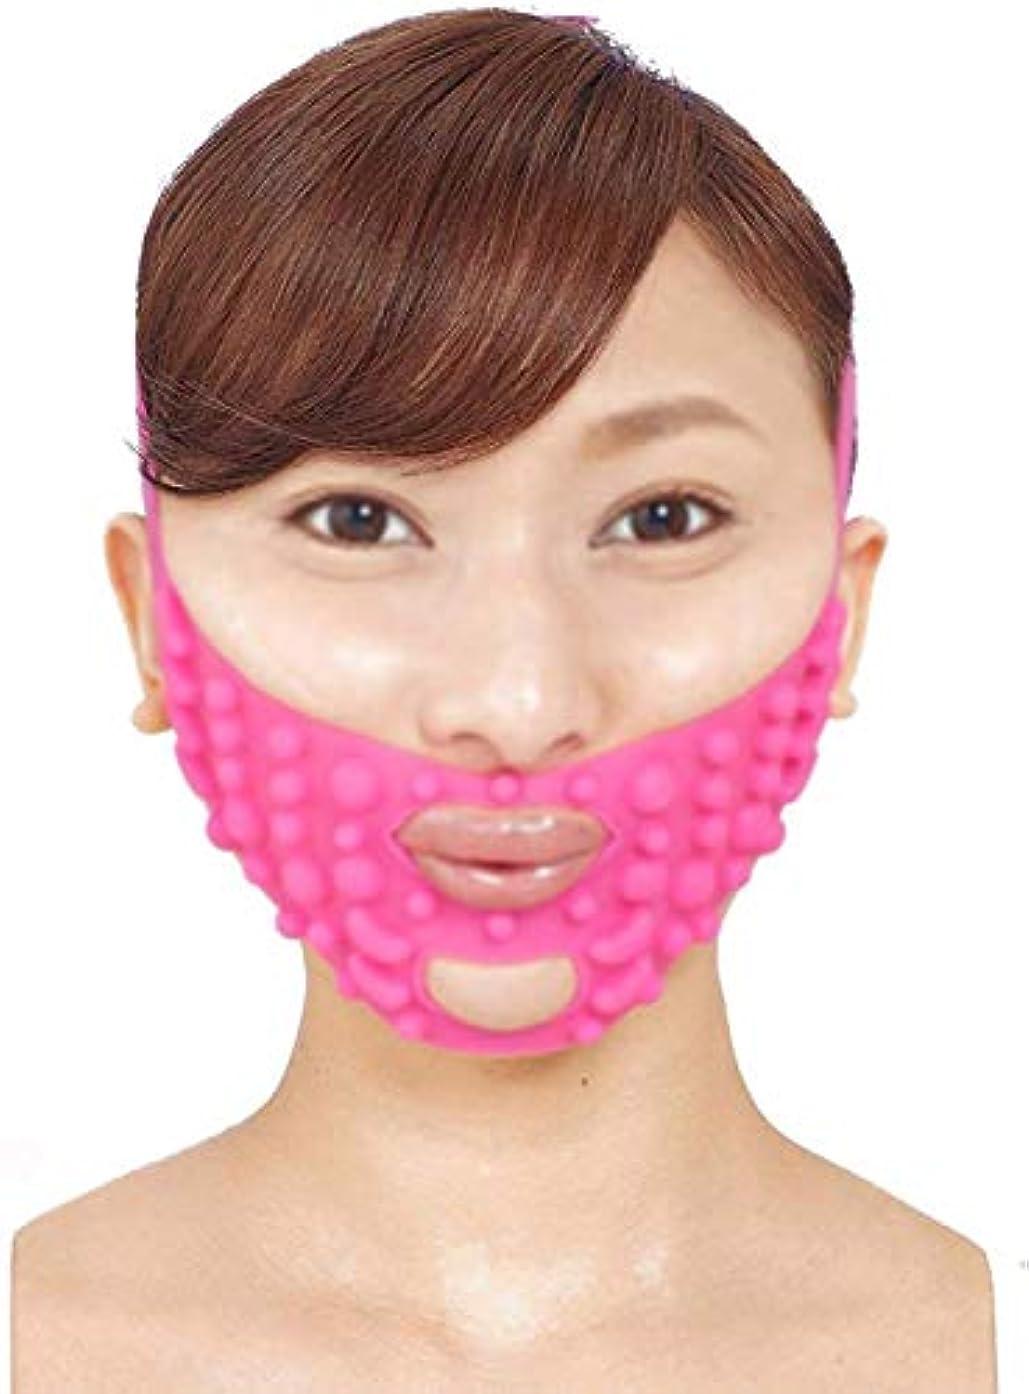 歌スプーン実行美容と実用的なフェイシャルマスク、リフティングアーティファクトフェイスマスク小さなV顔包帯でたるみ顔通気性睡眠顔ダブルあごセット睡眠弾性Slim身ベルト